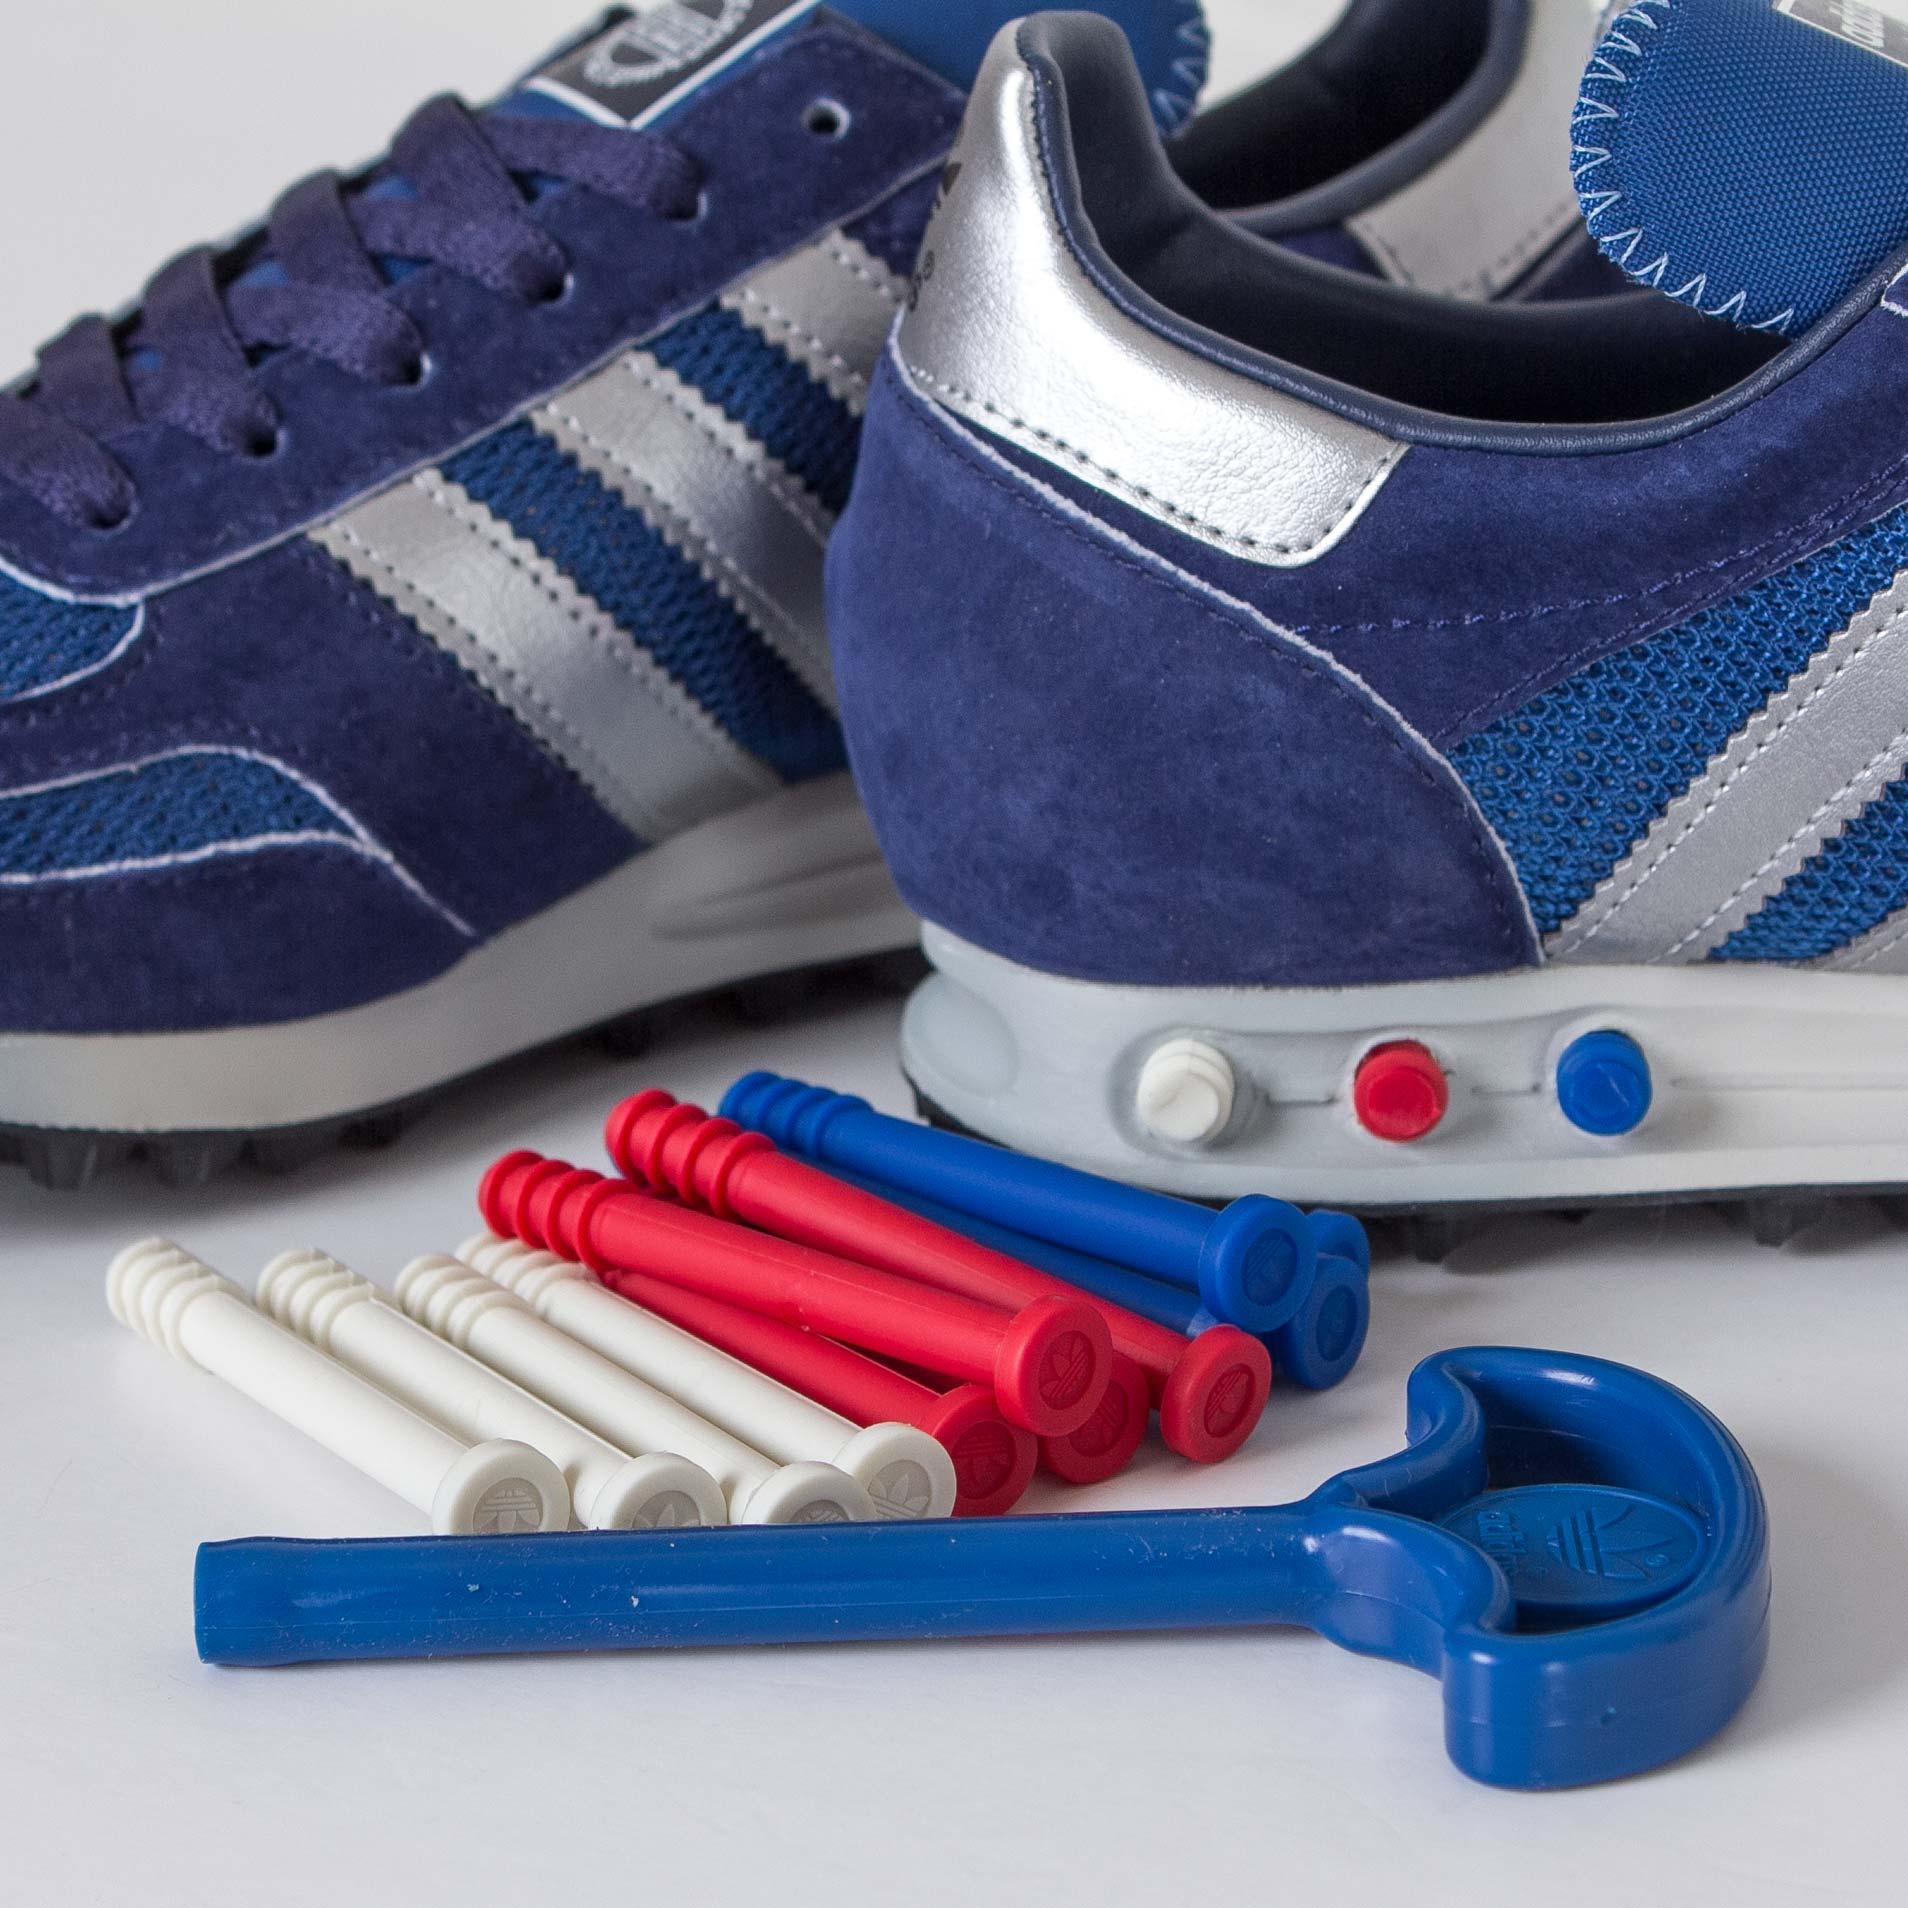 67c7d60888 adidas LA Trainer OG - Aq4930 - Sneakersnstuff